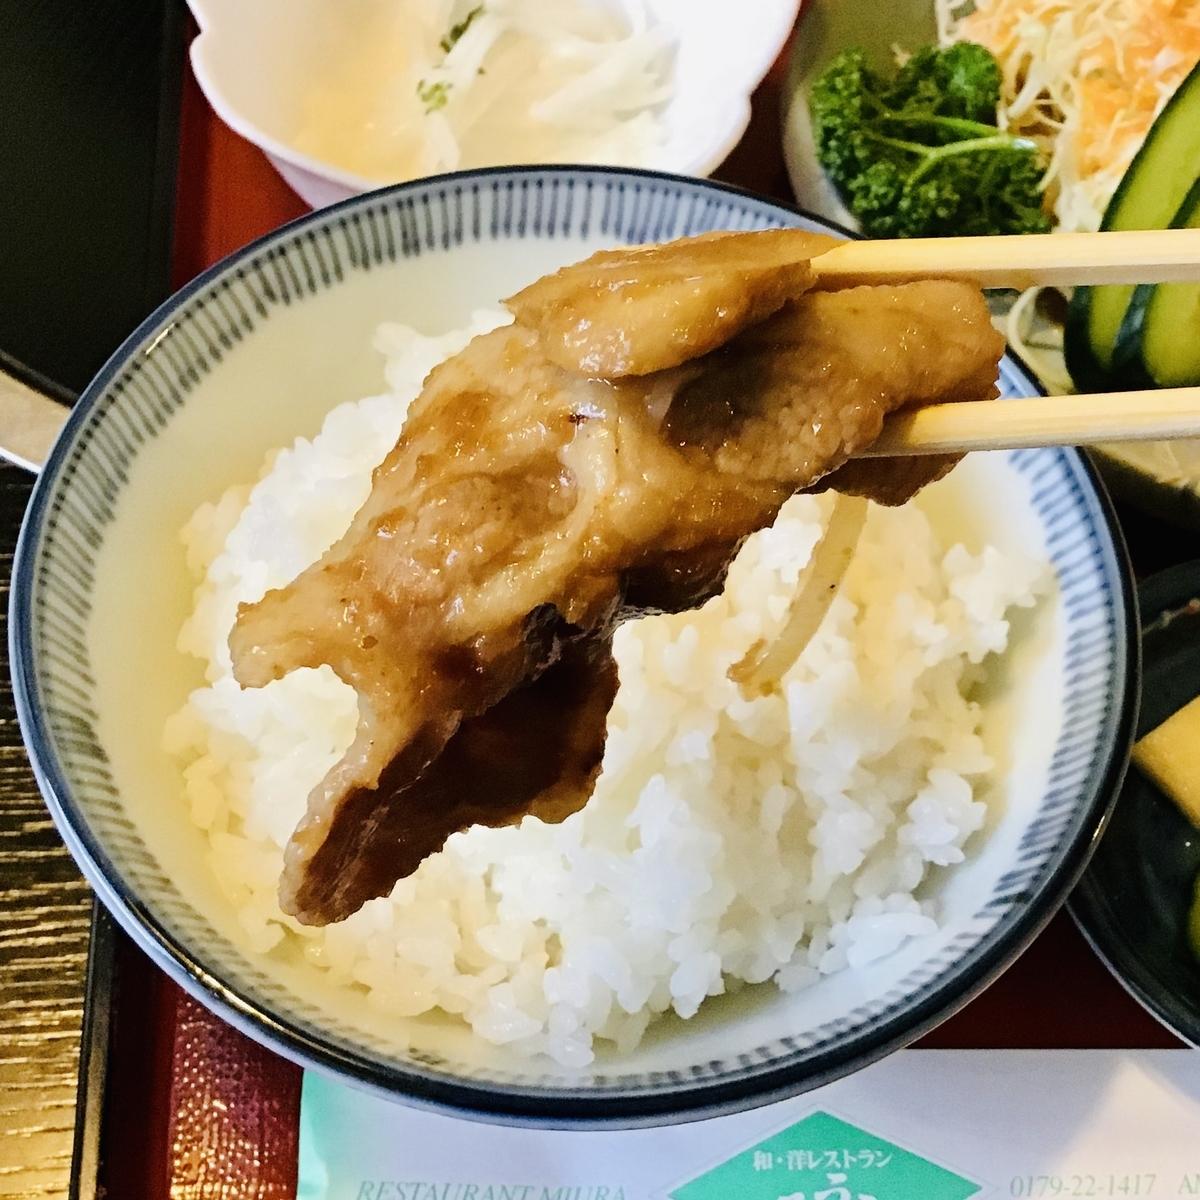 f:id:yumeusagiyukiusagi:20200707101612j:plain